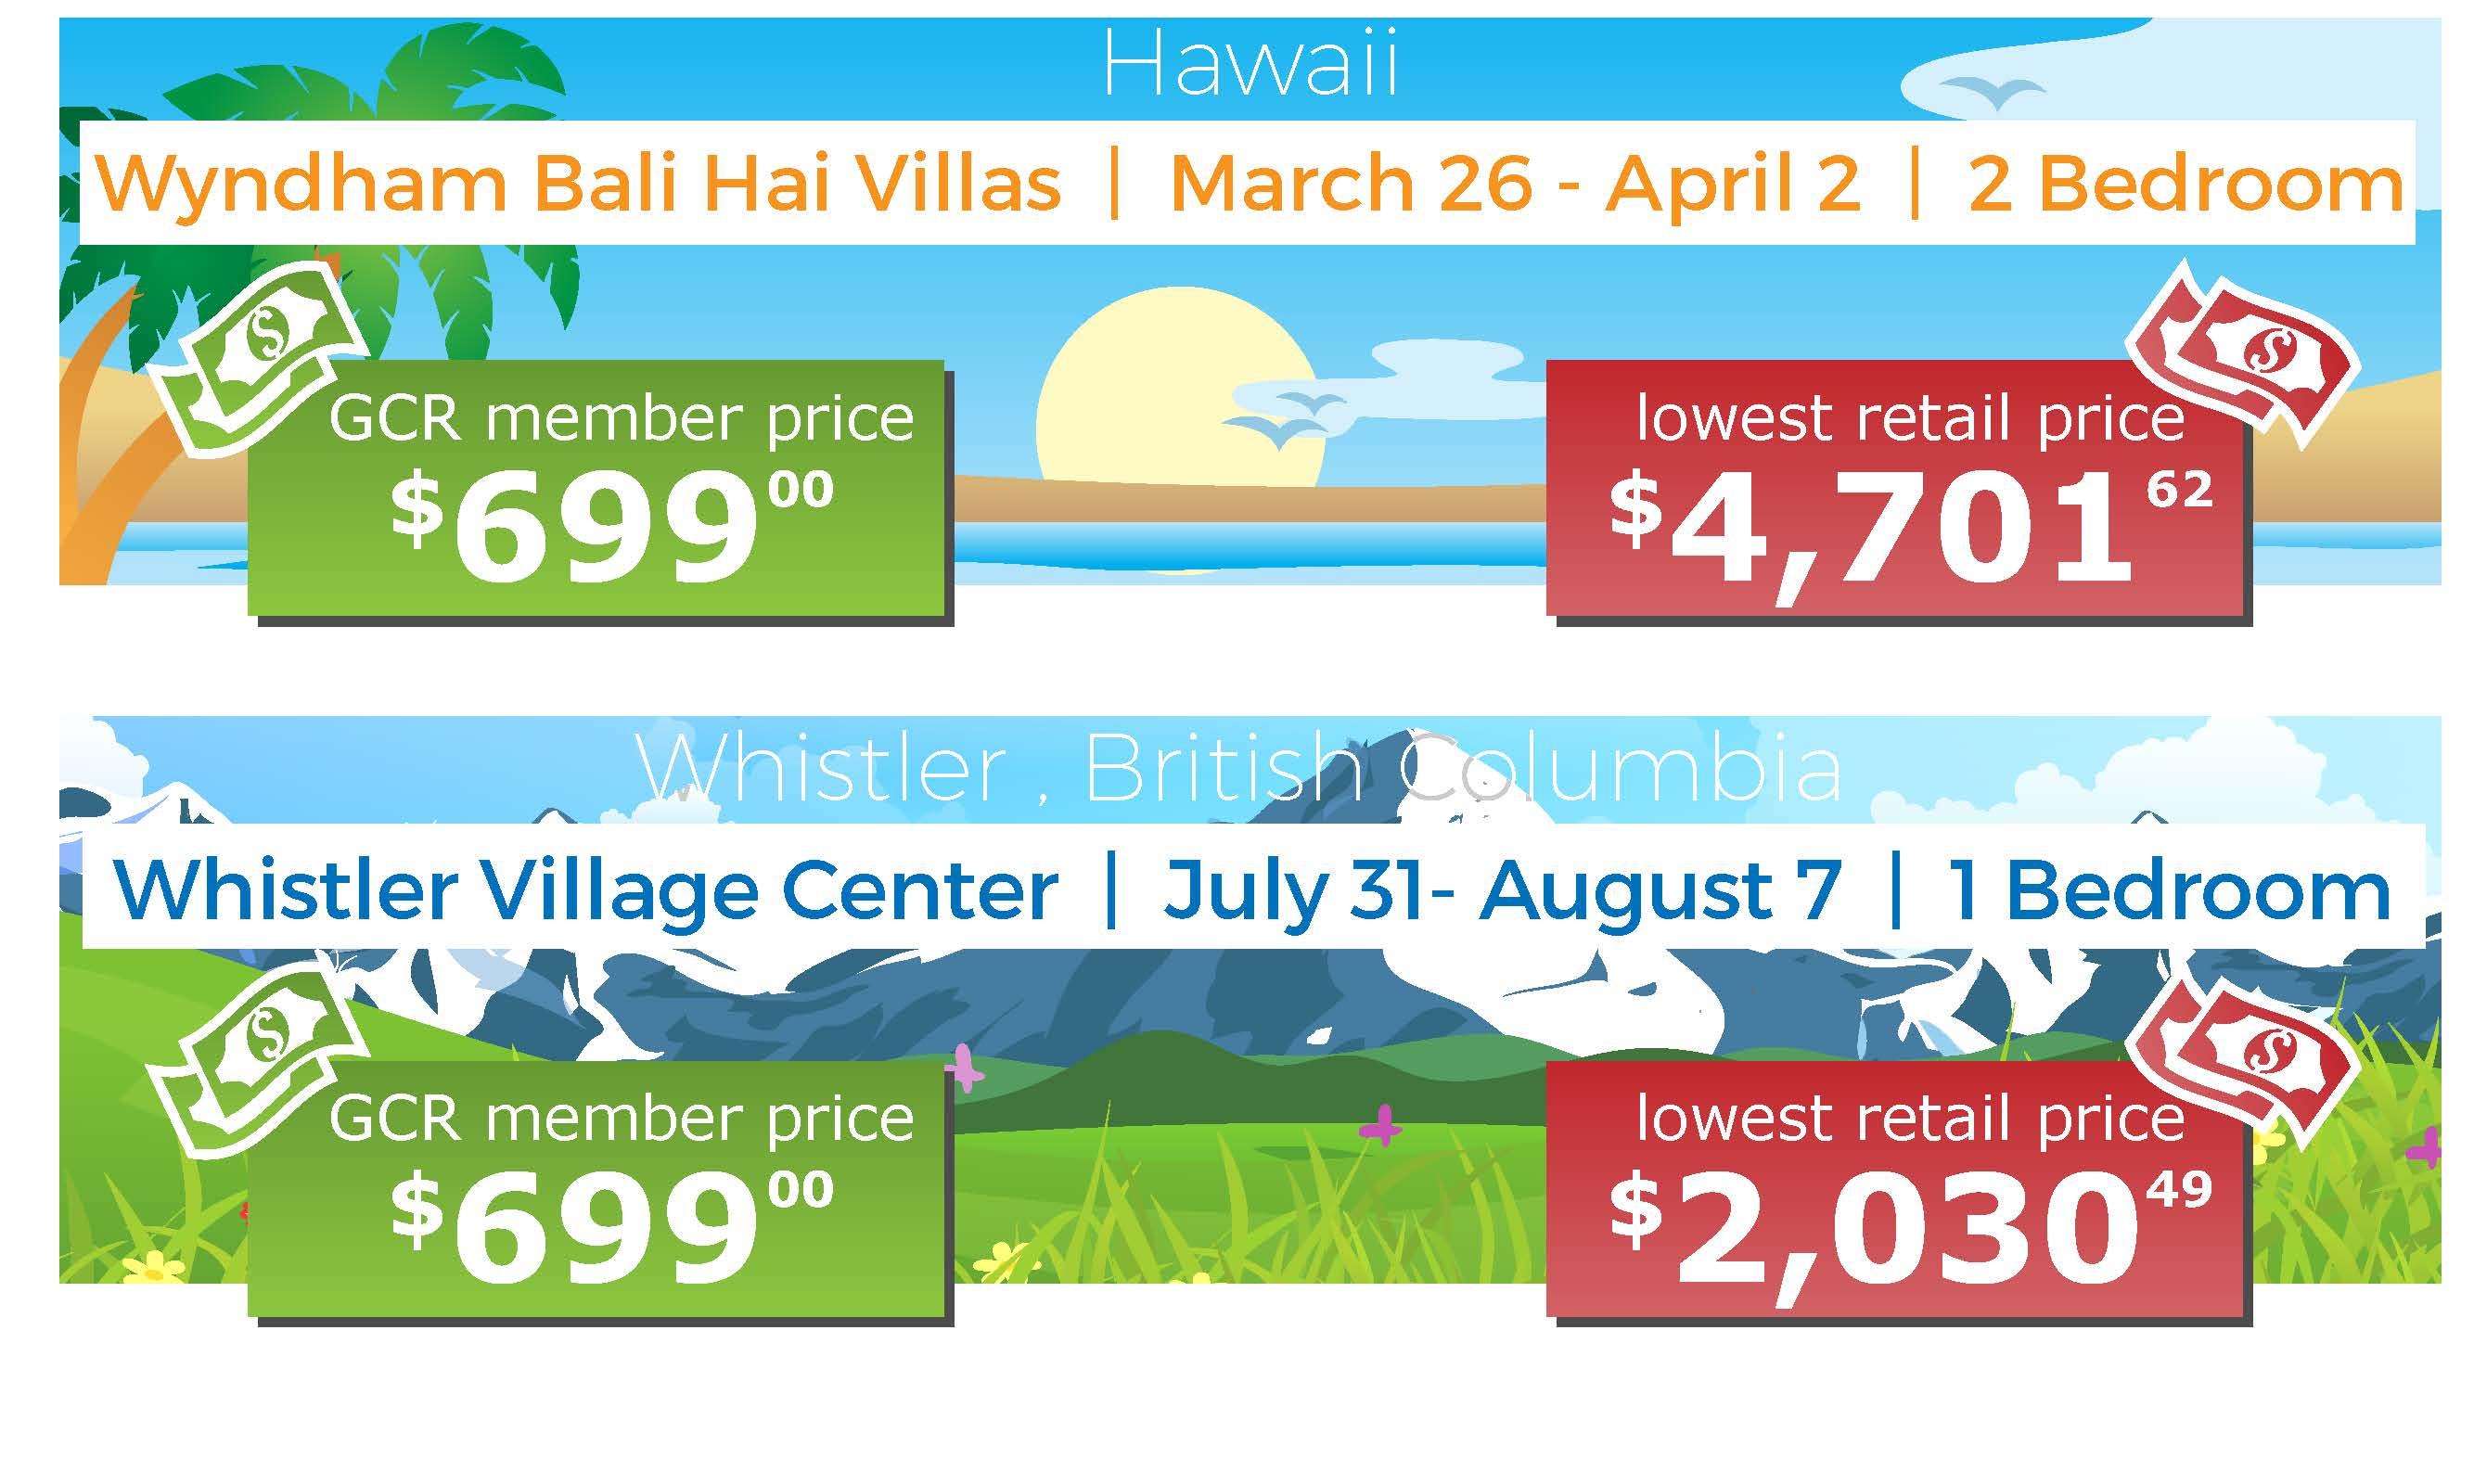 SG Resorts Price Comparison